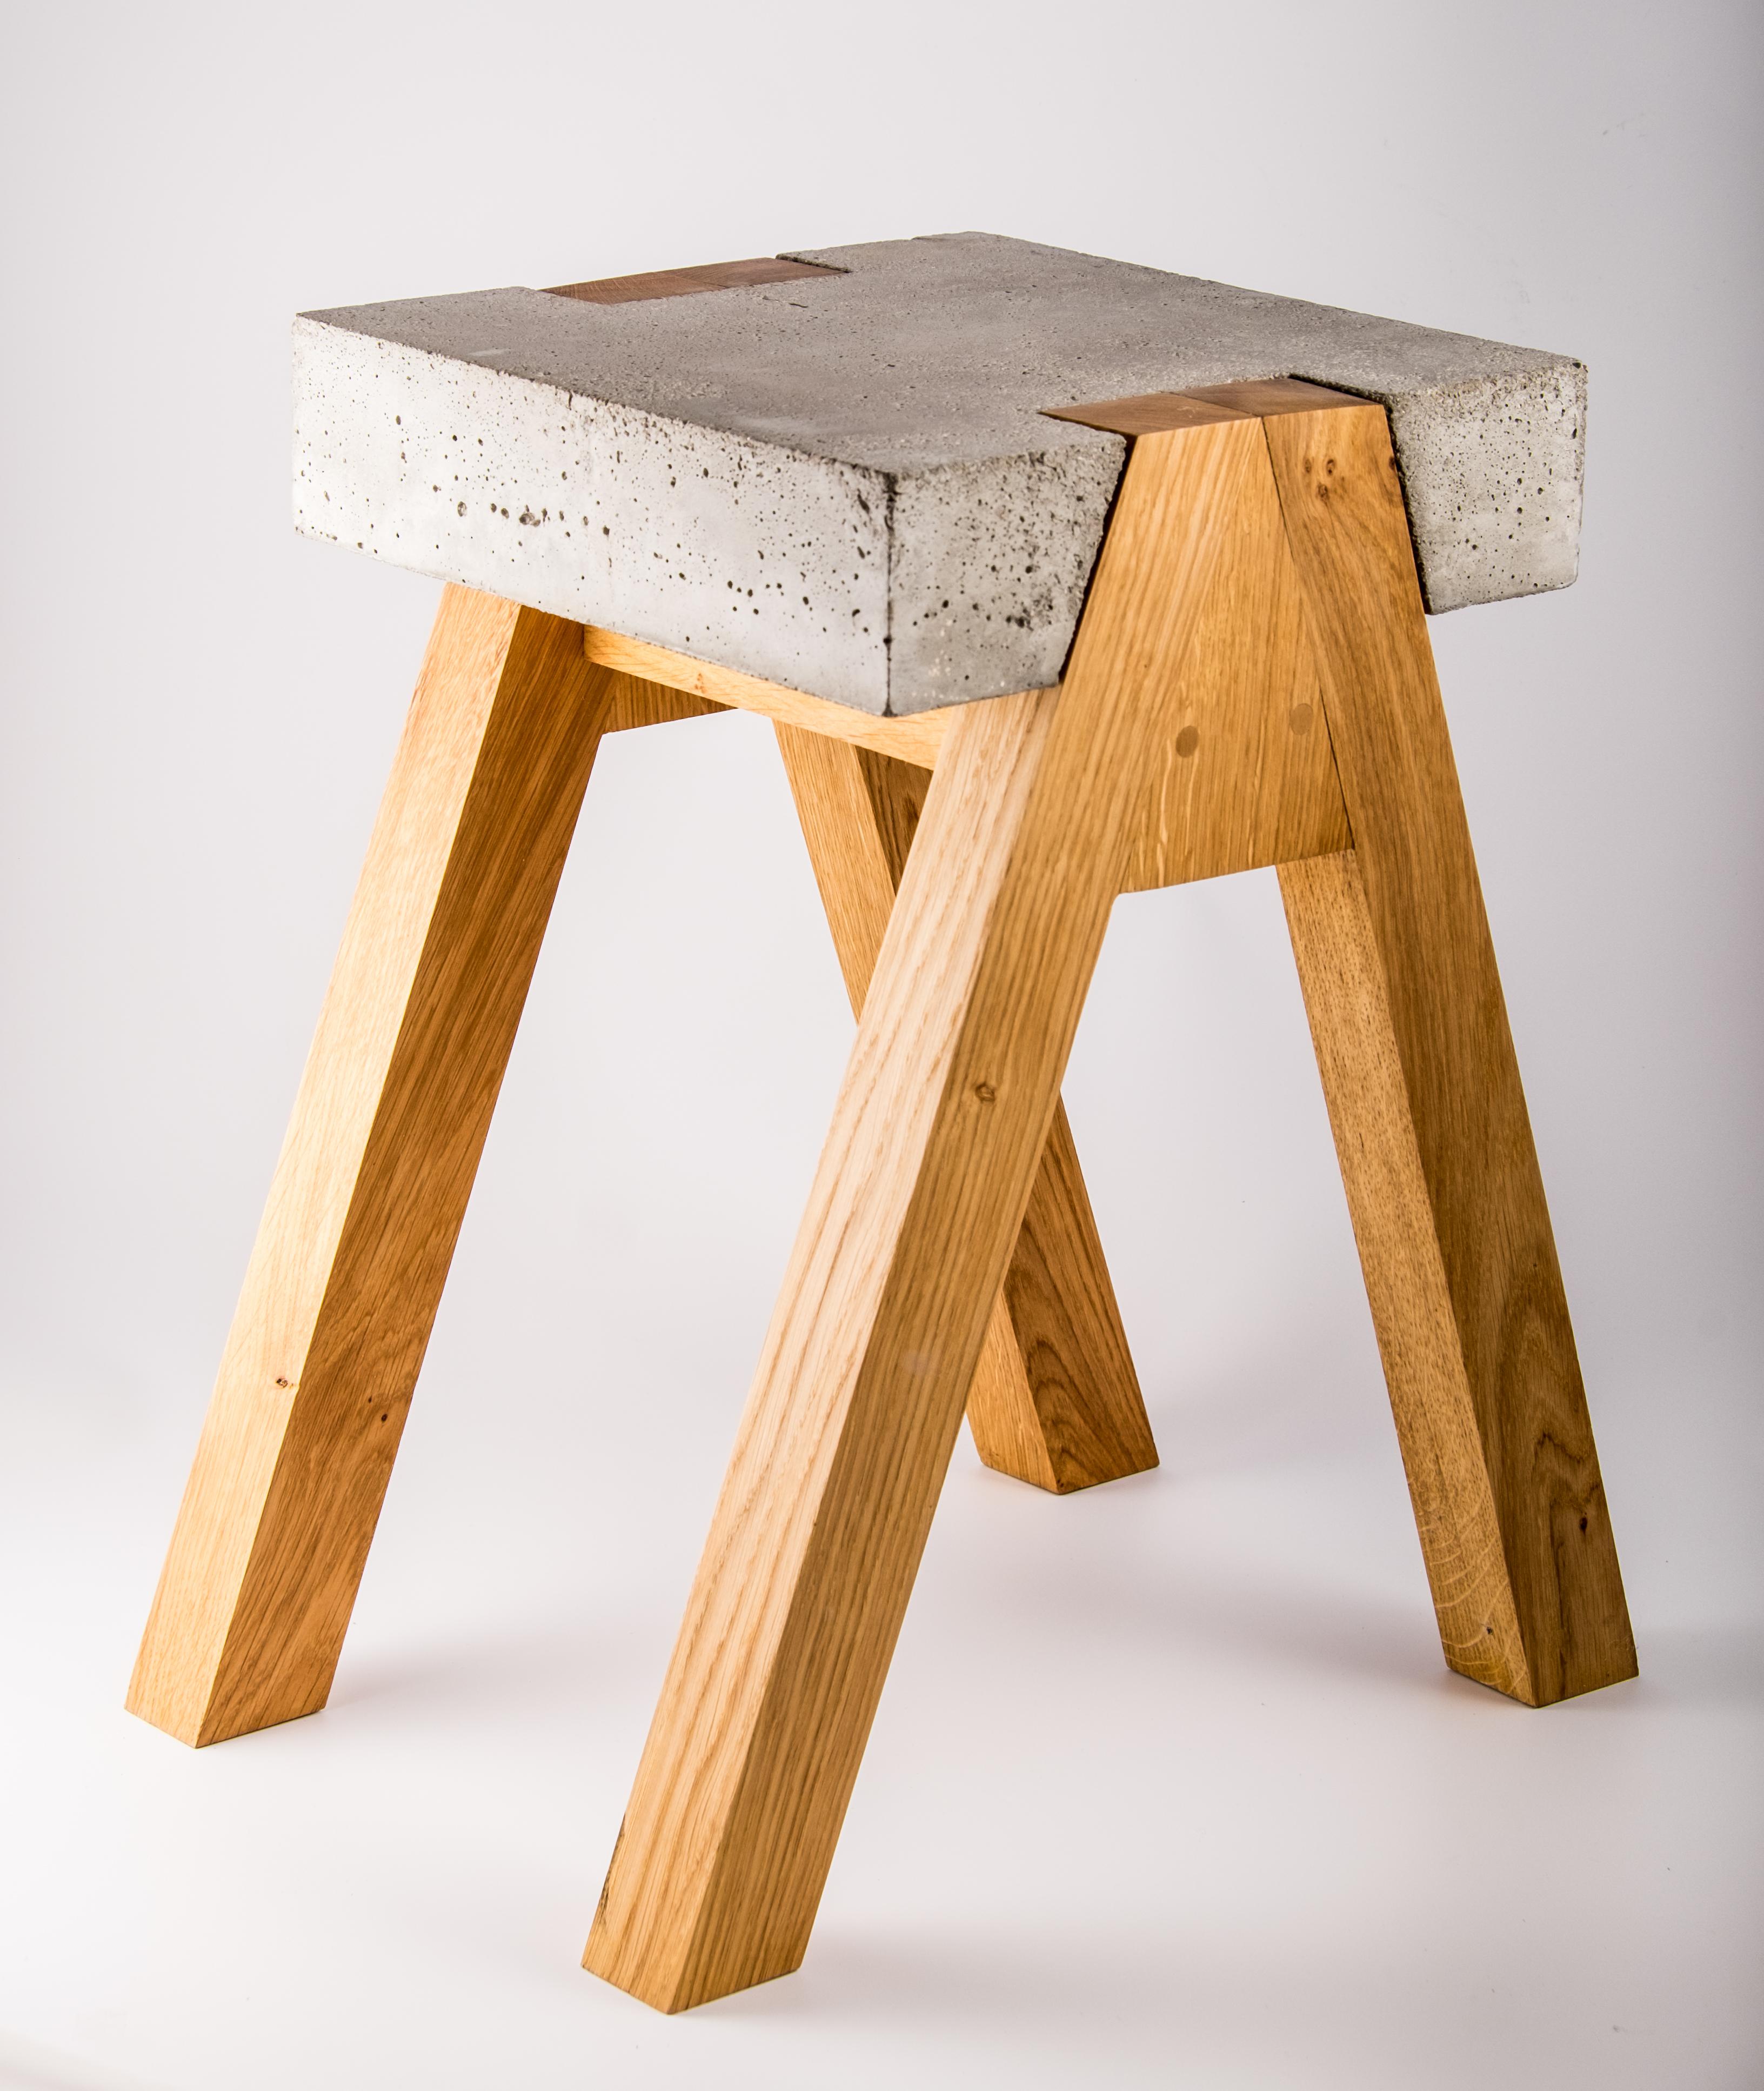 træ til møbler